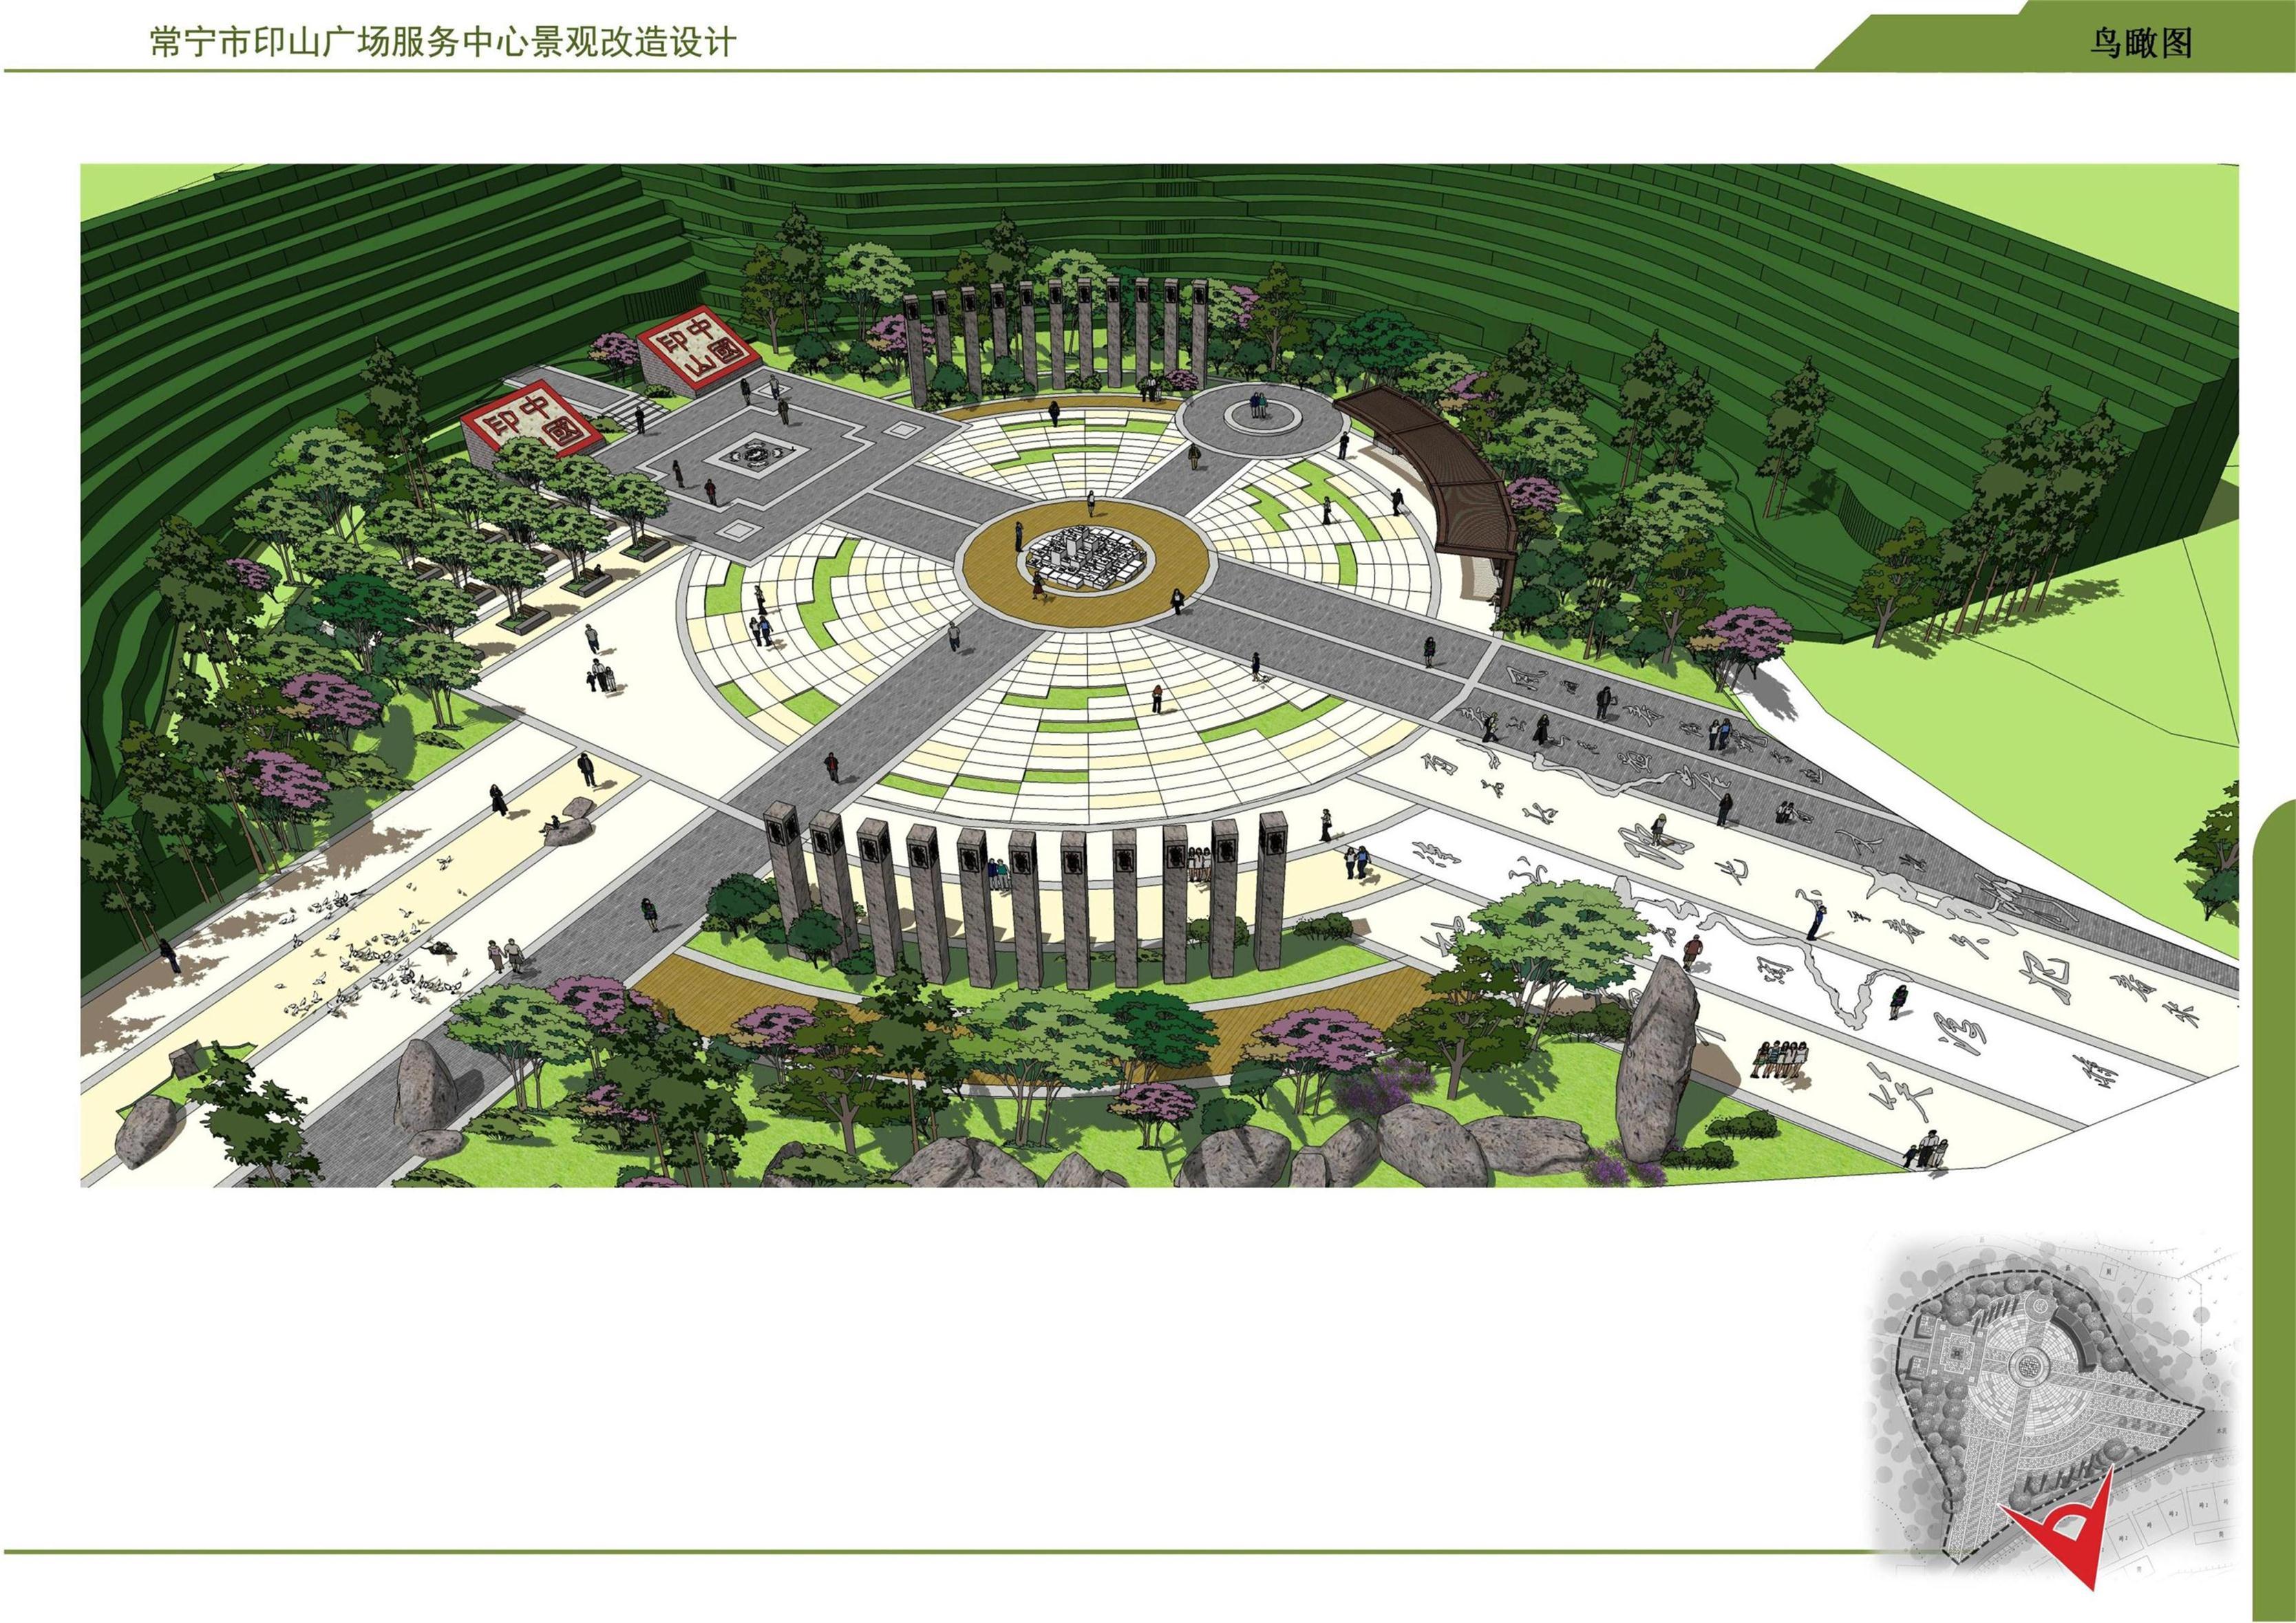 中国印山文化中福在线区中福在线规划